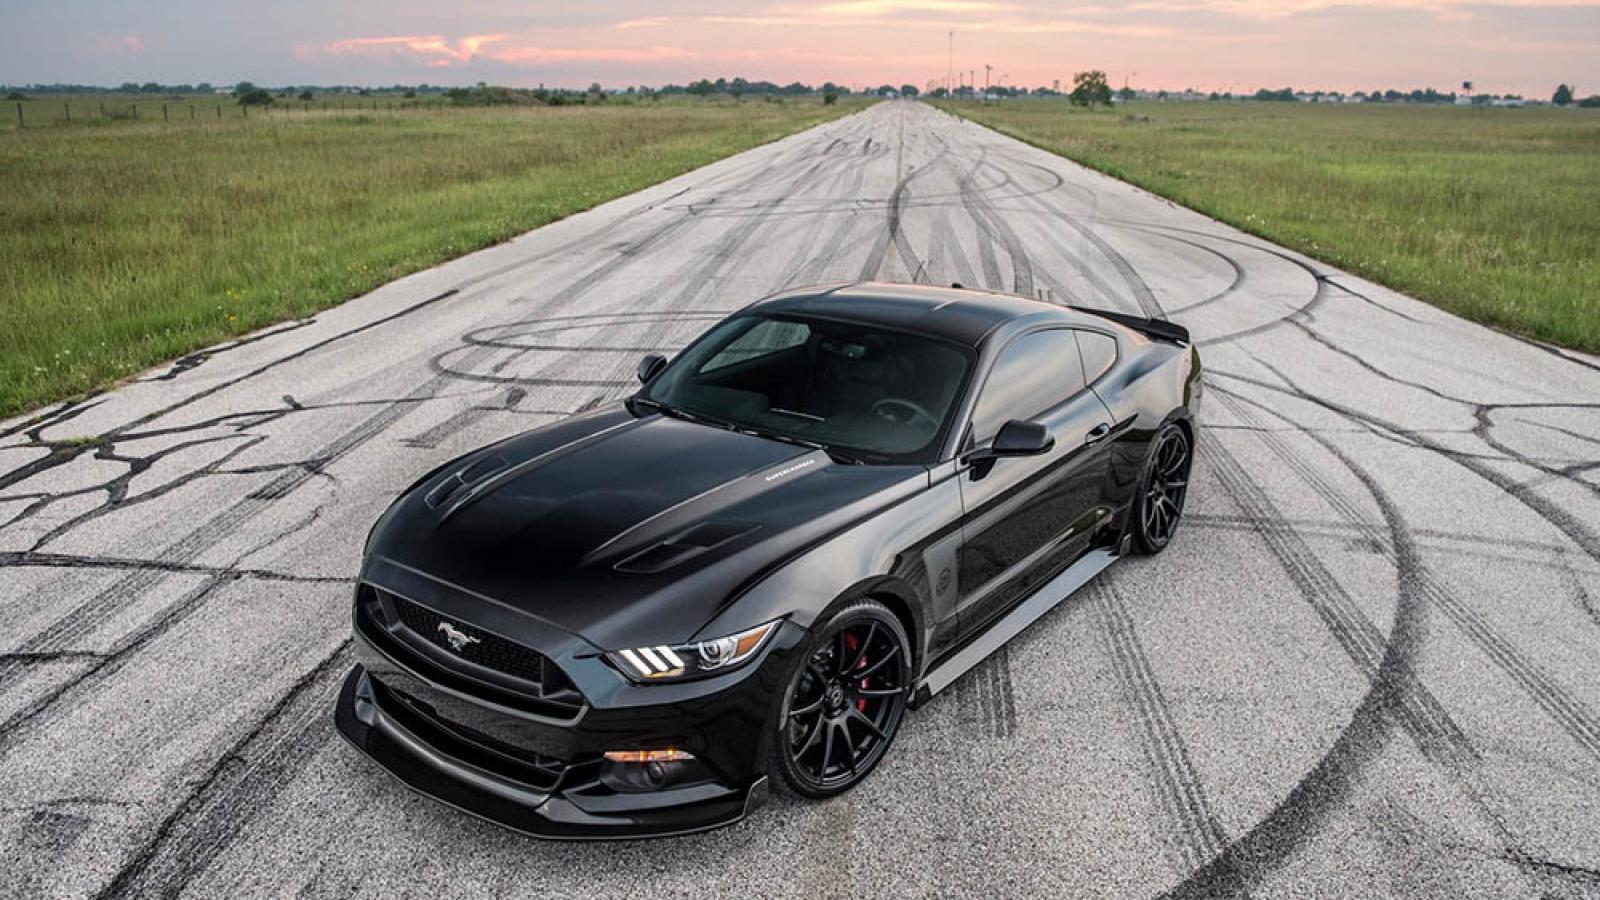 Phiên bản độc lạ của Ford Mustang GT với công suất hơn 800 mã lực